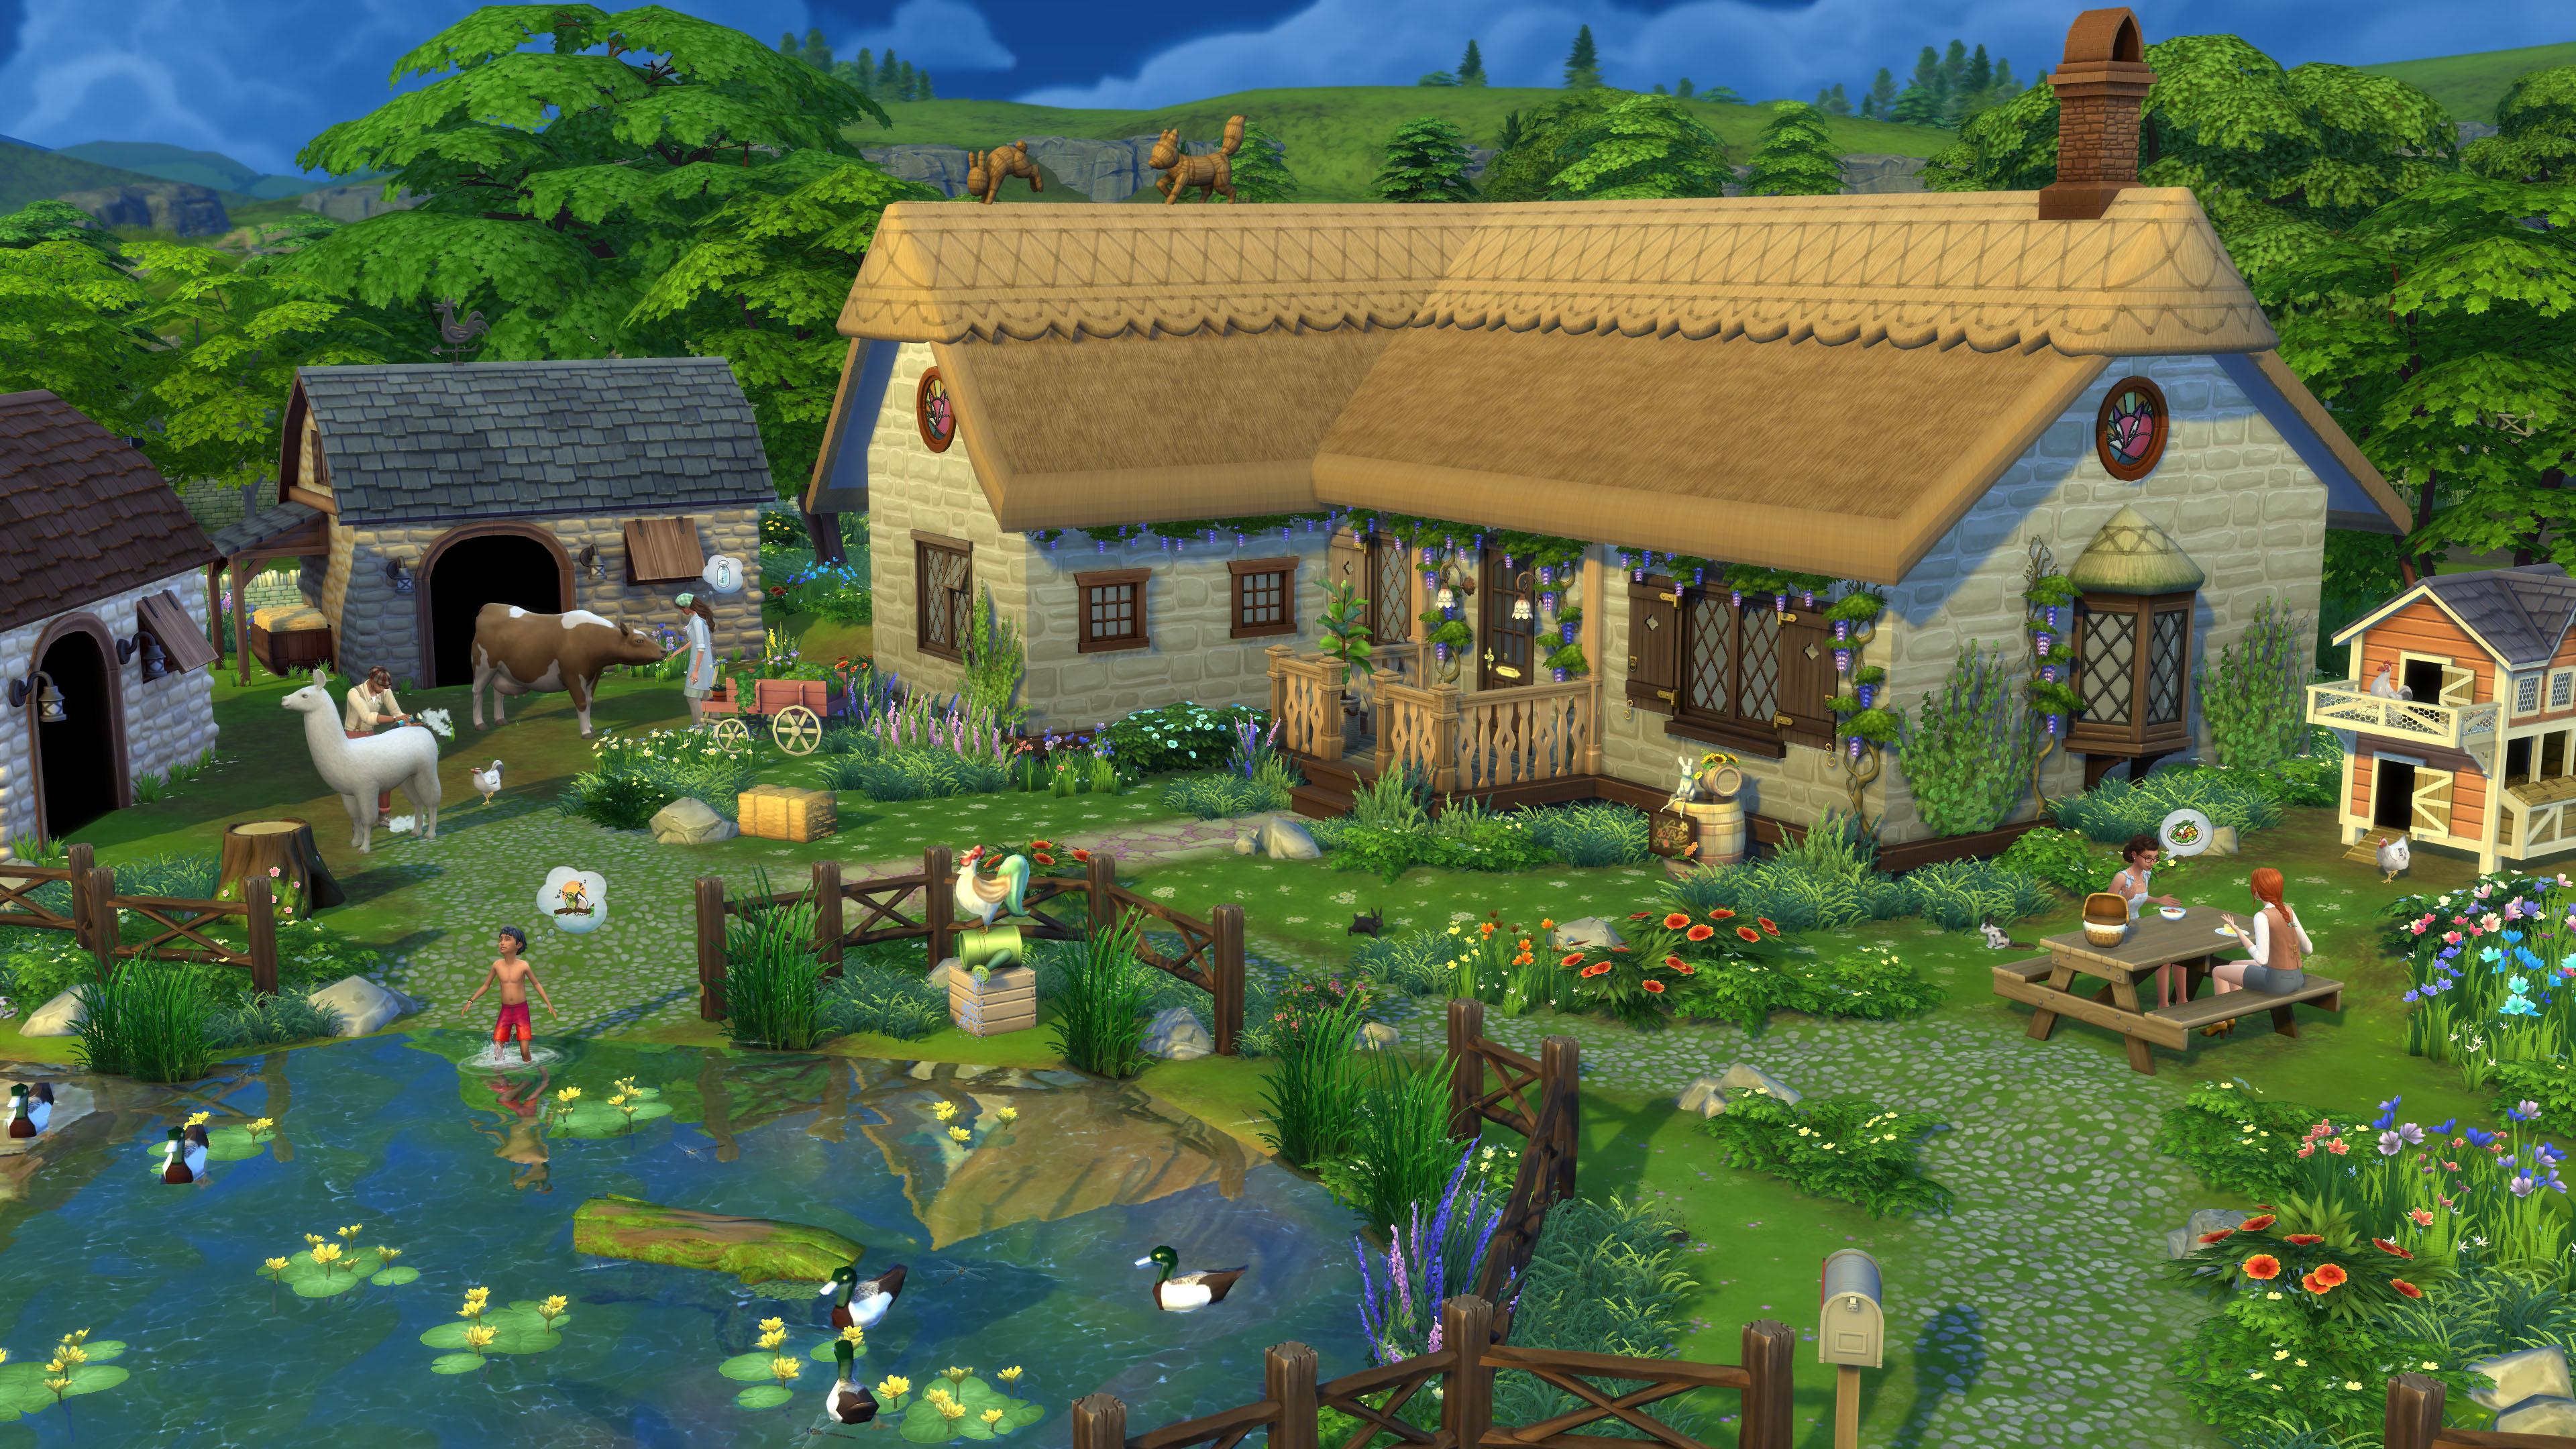 Скриншот №1 к The Sims 4 Загородная жизнь